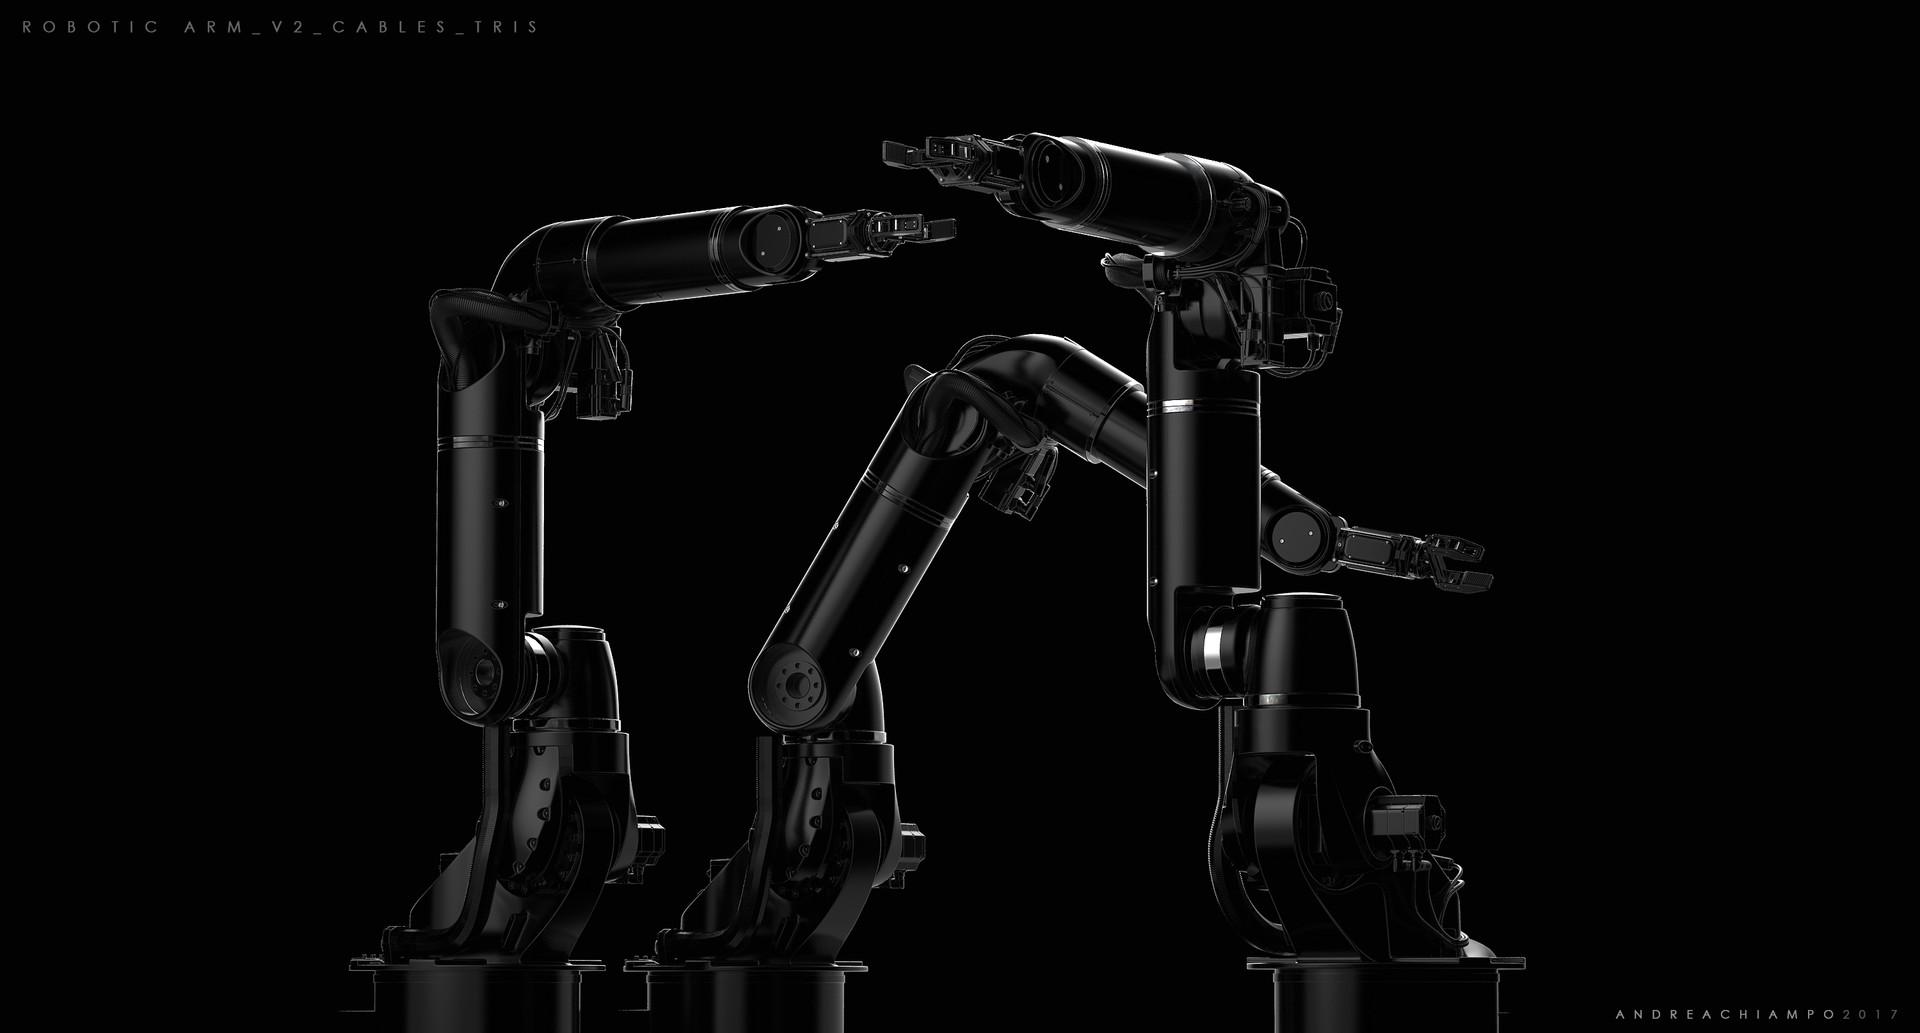 Andrea chiampo robotic arm v2 cables tris